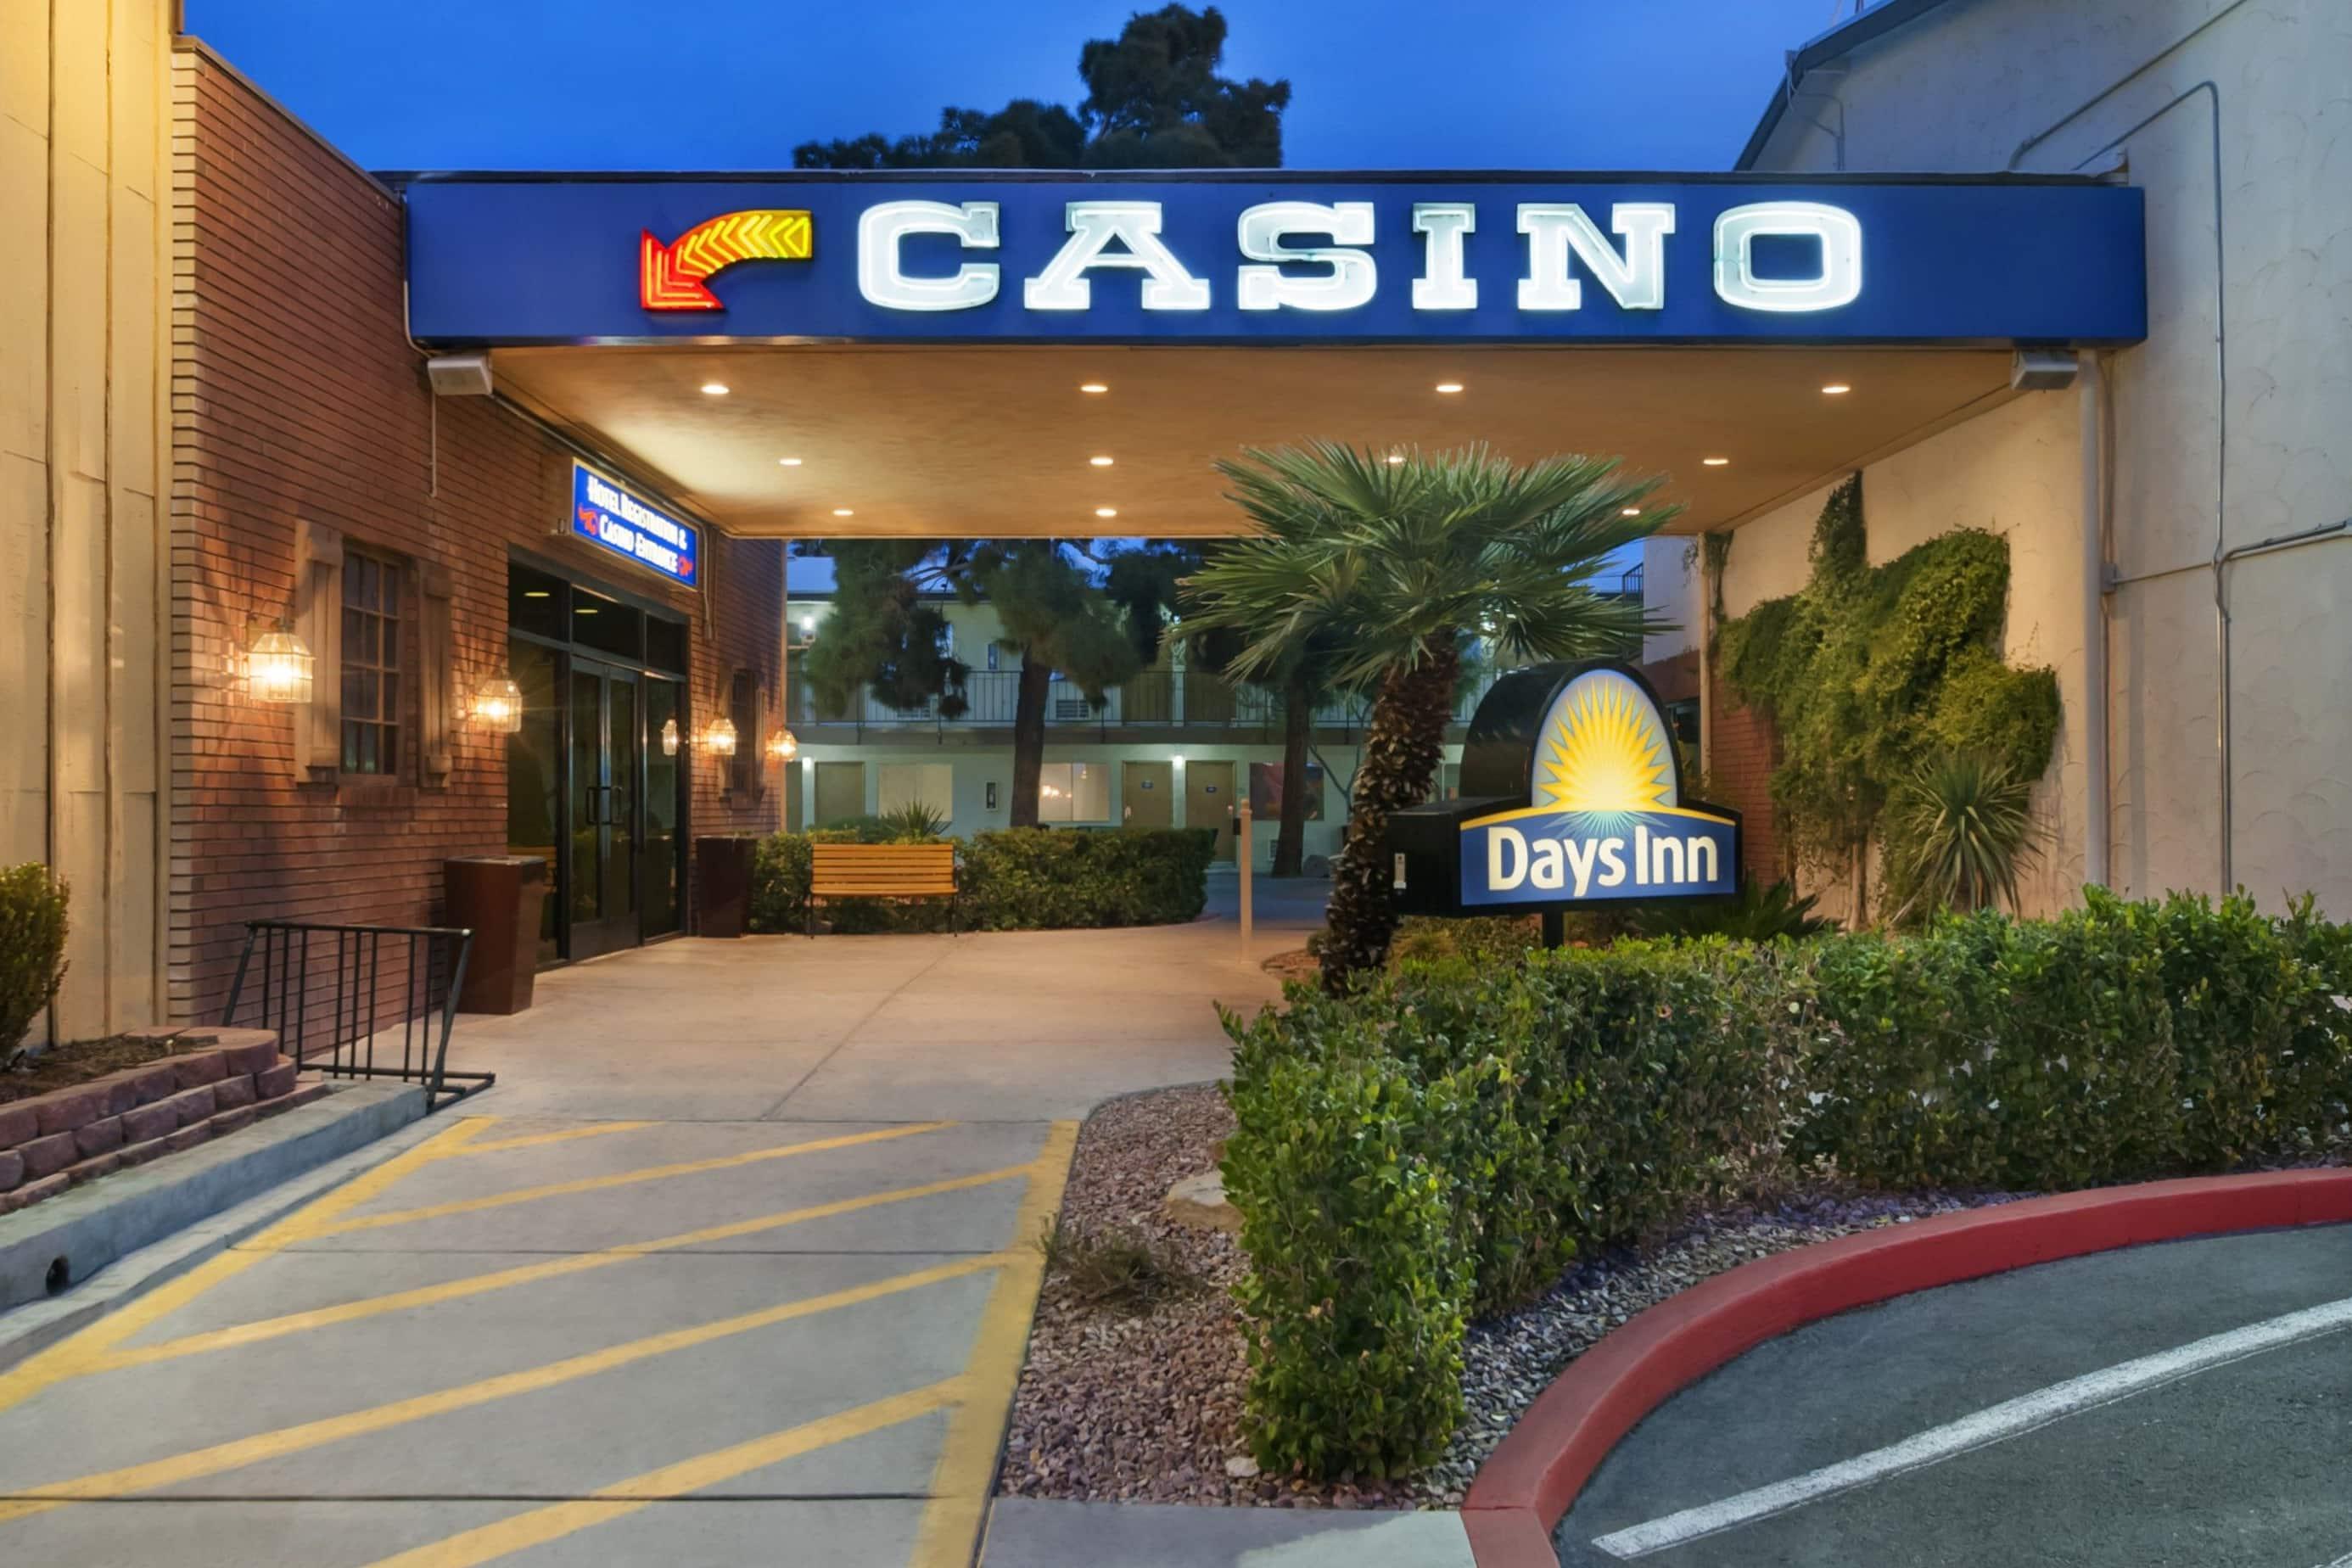 Wild wild west gambling and hotel casino versus japan go hawaii